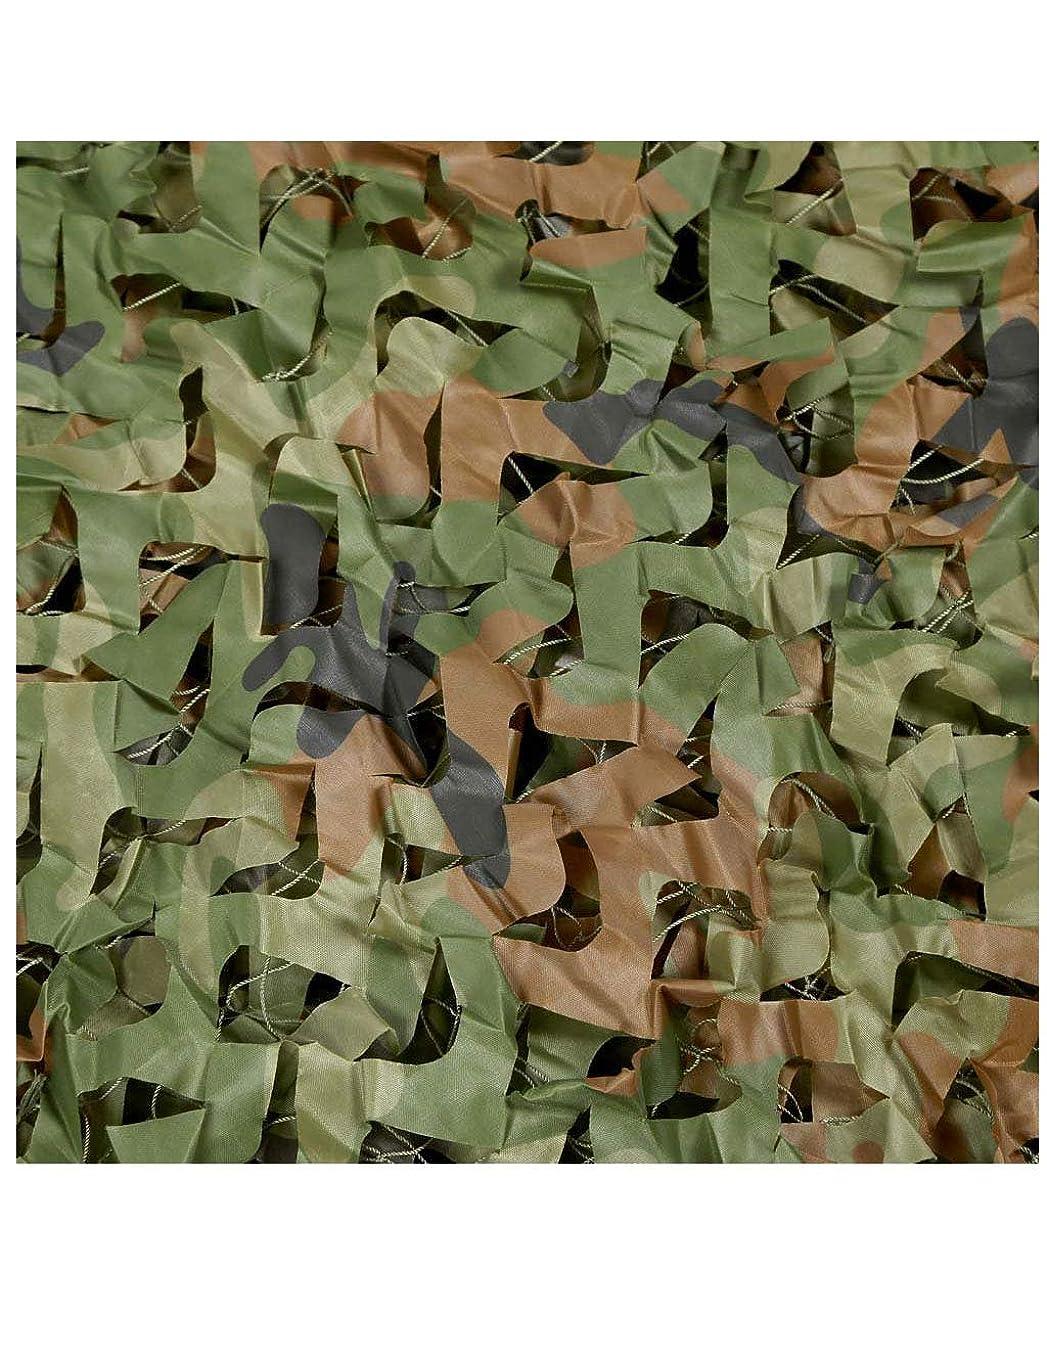 転送メンテナンス出発するネット隠されたツリーハウス映画、さまざまな色 釣り野外活動のための日焼け止めを撮影カモフラージュネット迷彩ネットの太陽のネットワーク専用の森林キャンプキャンプ狩猟 (色 : Desert camouflage, サイズ さいず : 3m×3m)